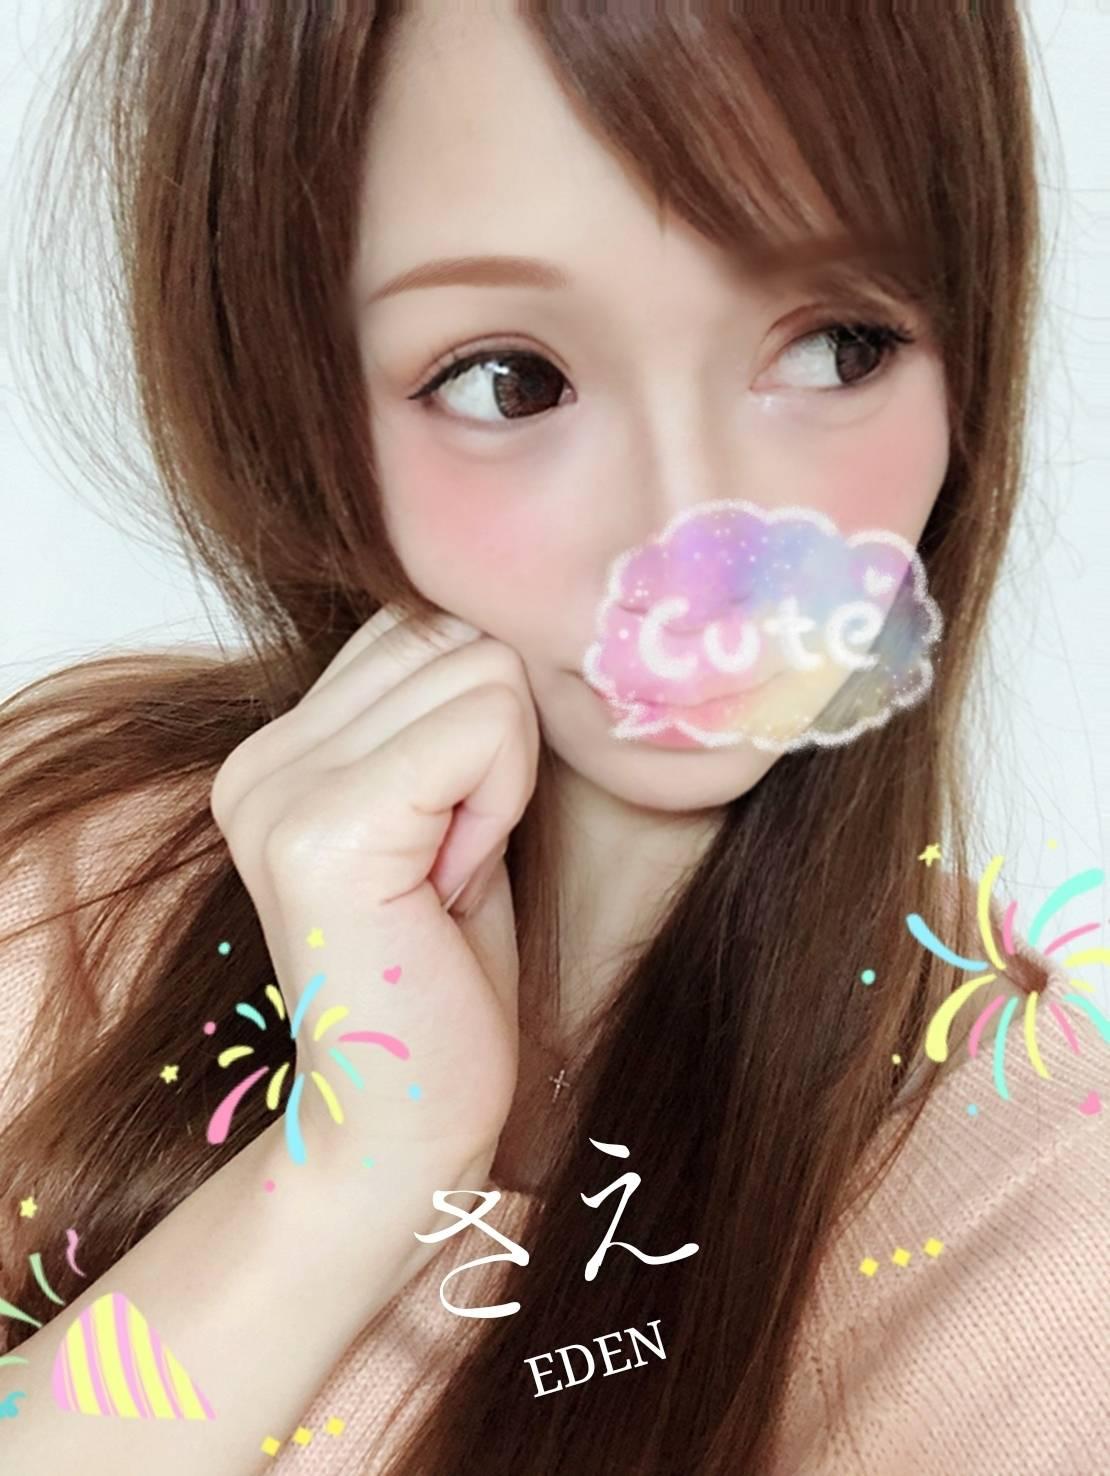 「さえちゃん♪可愛いです><」06/21日(木) 18:05   EDEN☆お得情報満載!!の写メ・風俗動画